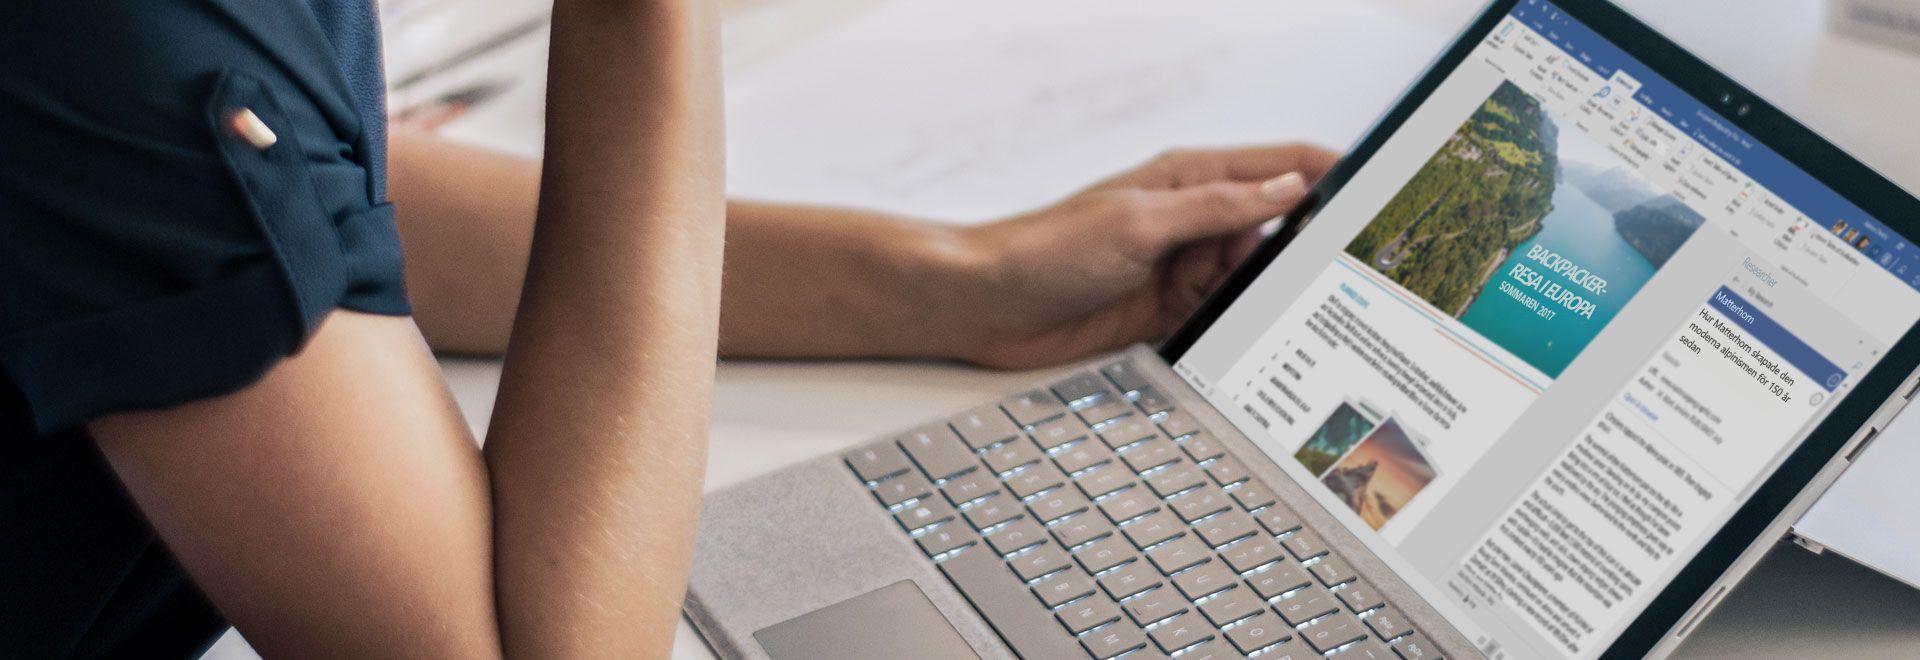 Microsoft Surface-surfplatta som visar ett Word-dokument om en luff i Europa med Word Researcher öppet